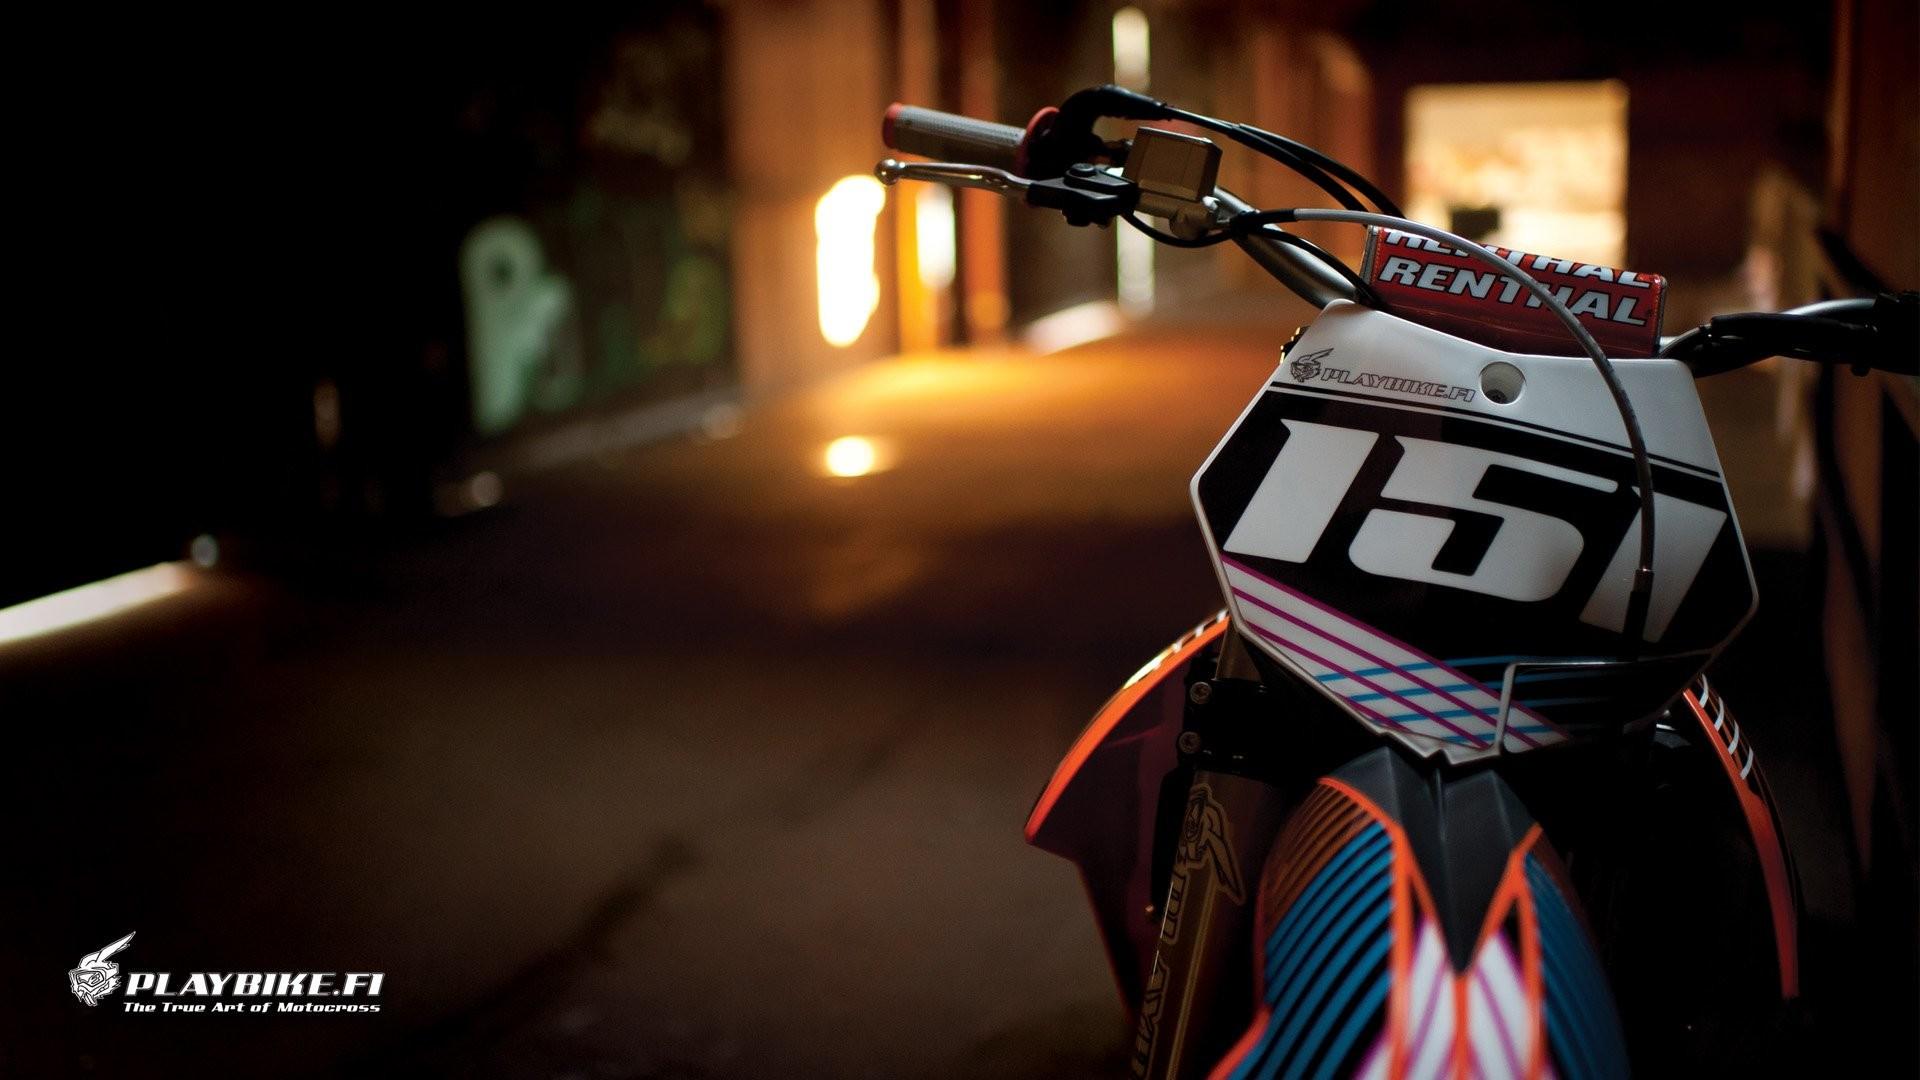 Playbike Motocross Wallpaper Hd wallpaper | | 590313 | WallpaperUP